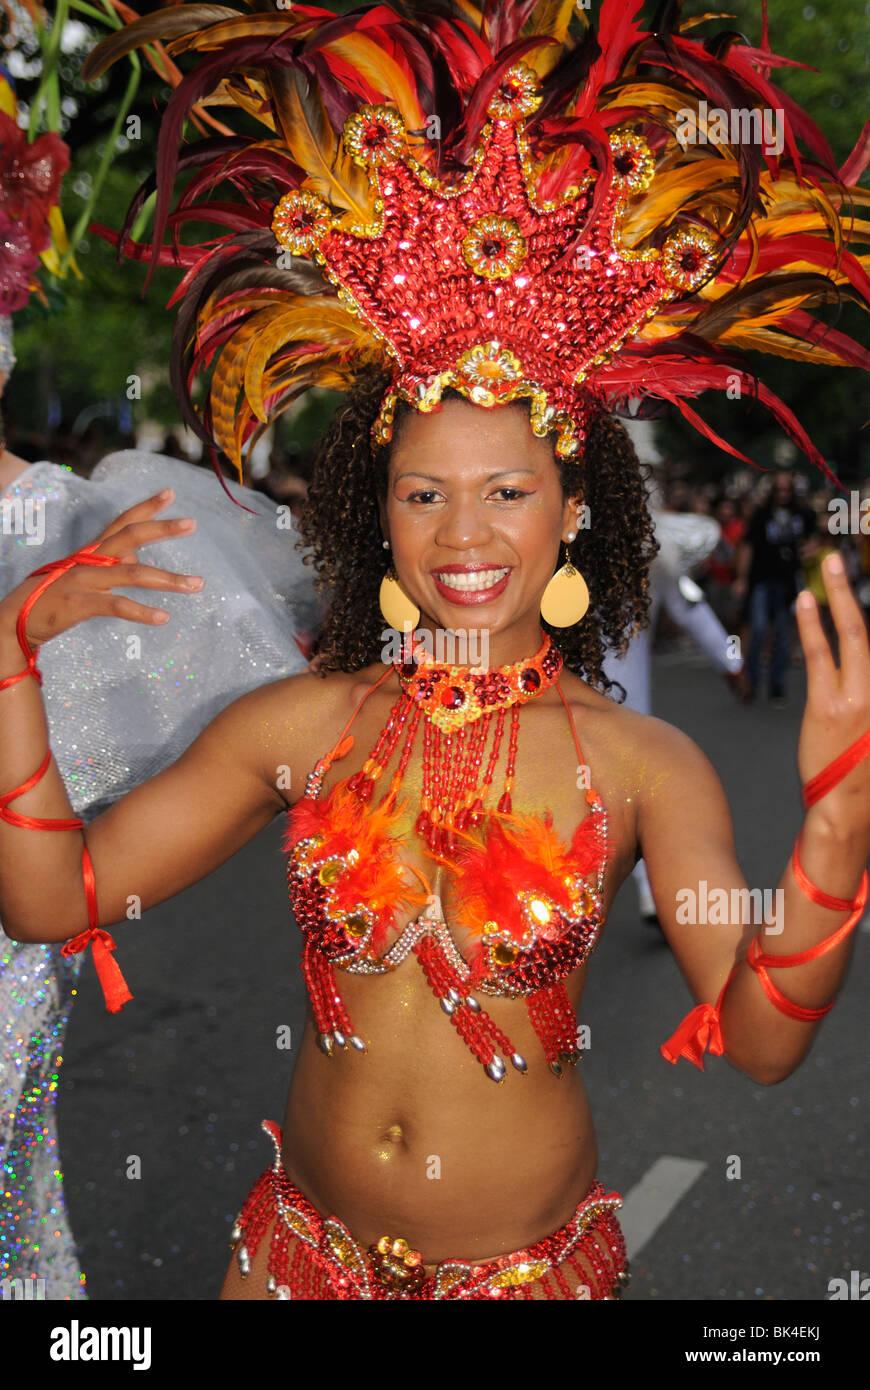 Brasilianische Samba-Tänzer am Karneval der Kulturen, Karneval der Kulturen, Berlin, Kreuzberg Bezirk, Deutschland, Stockbild